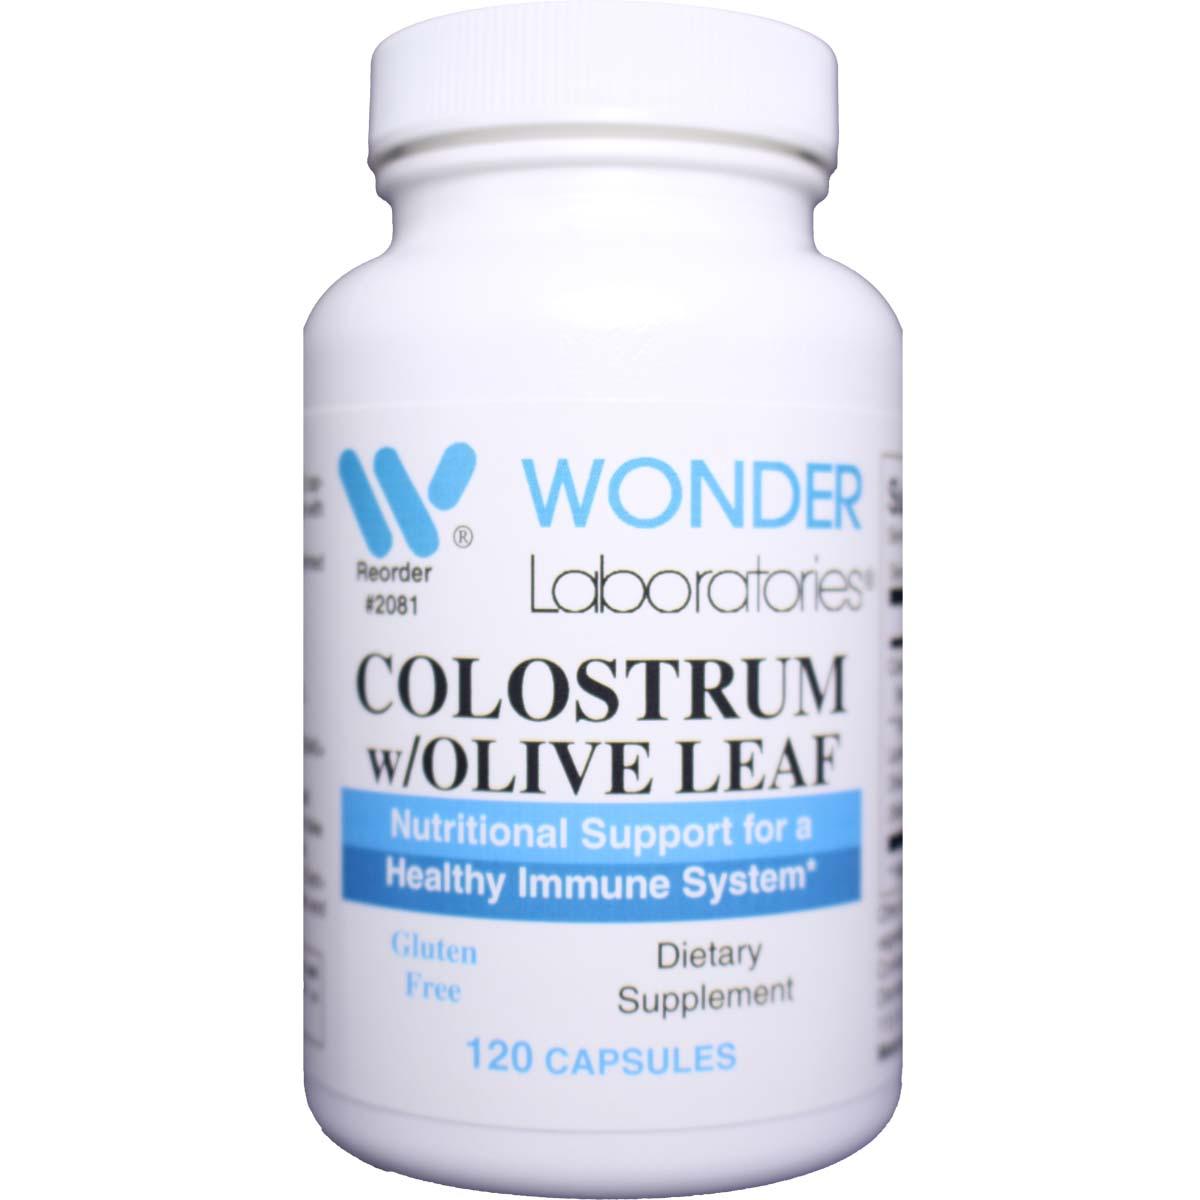 Colostrum w/Olive Leaf 120 Capsules - Item 2081